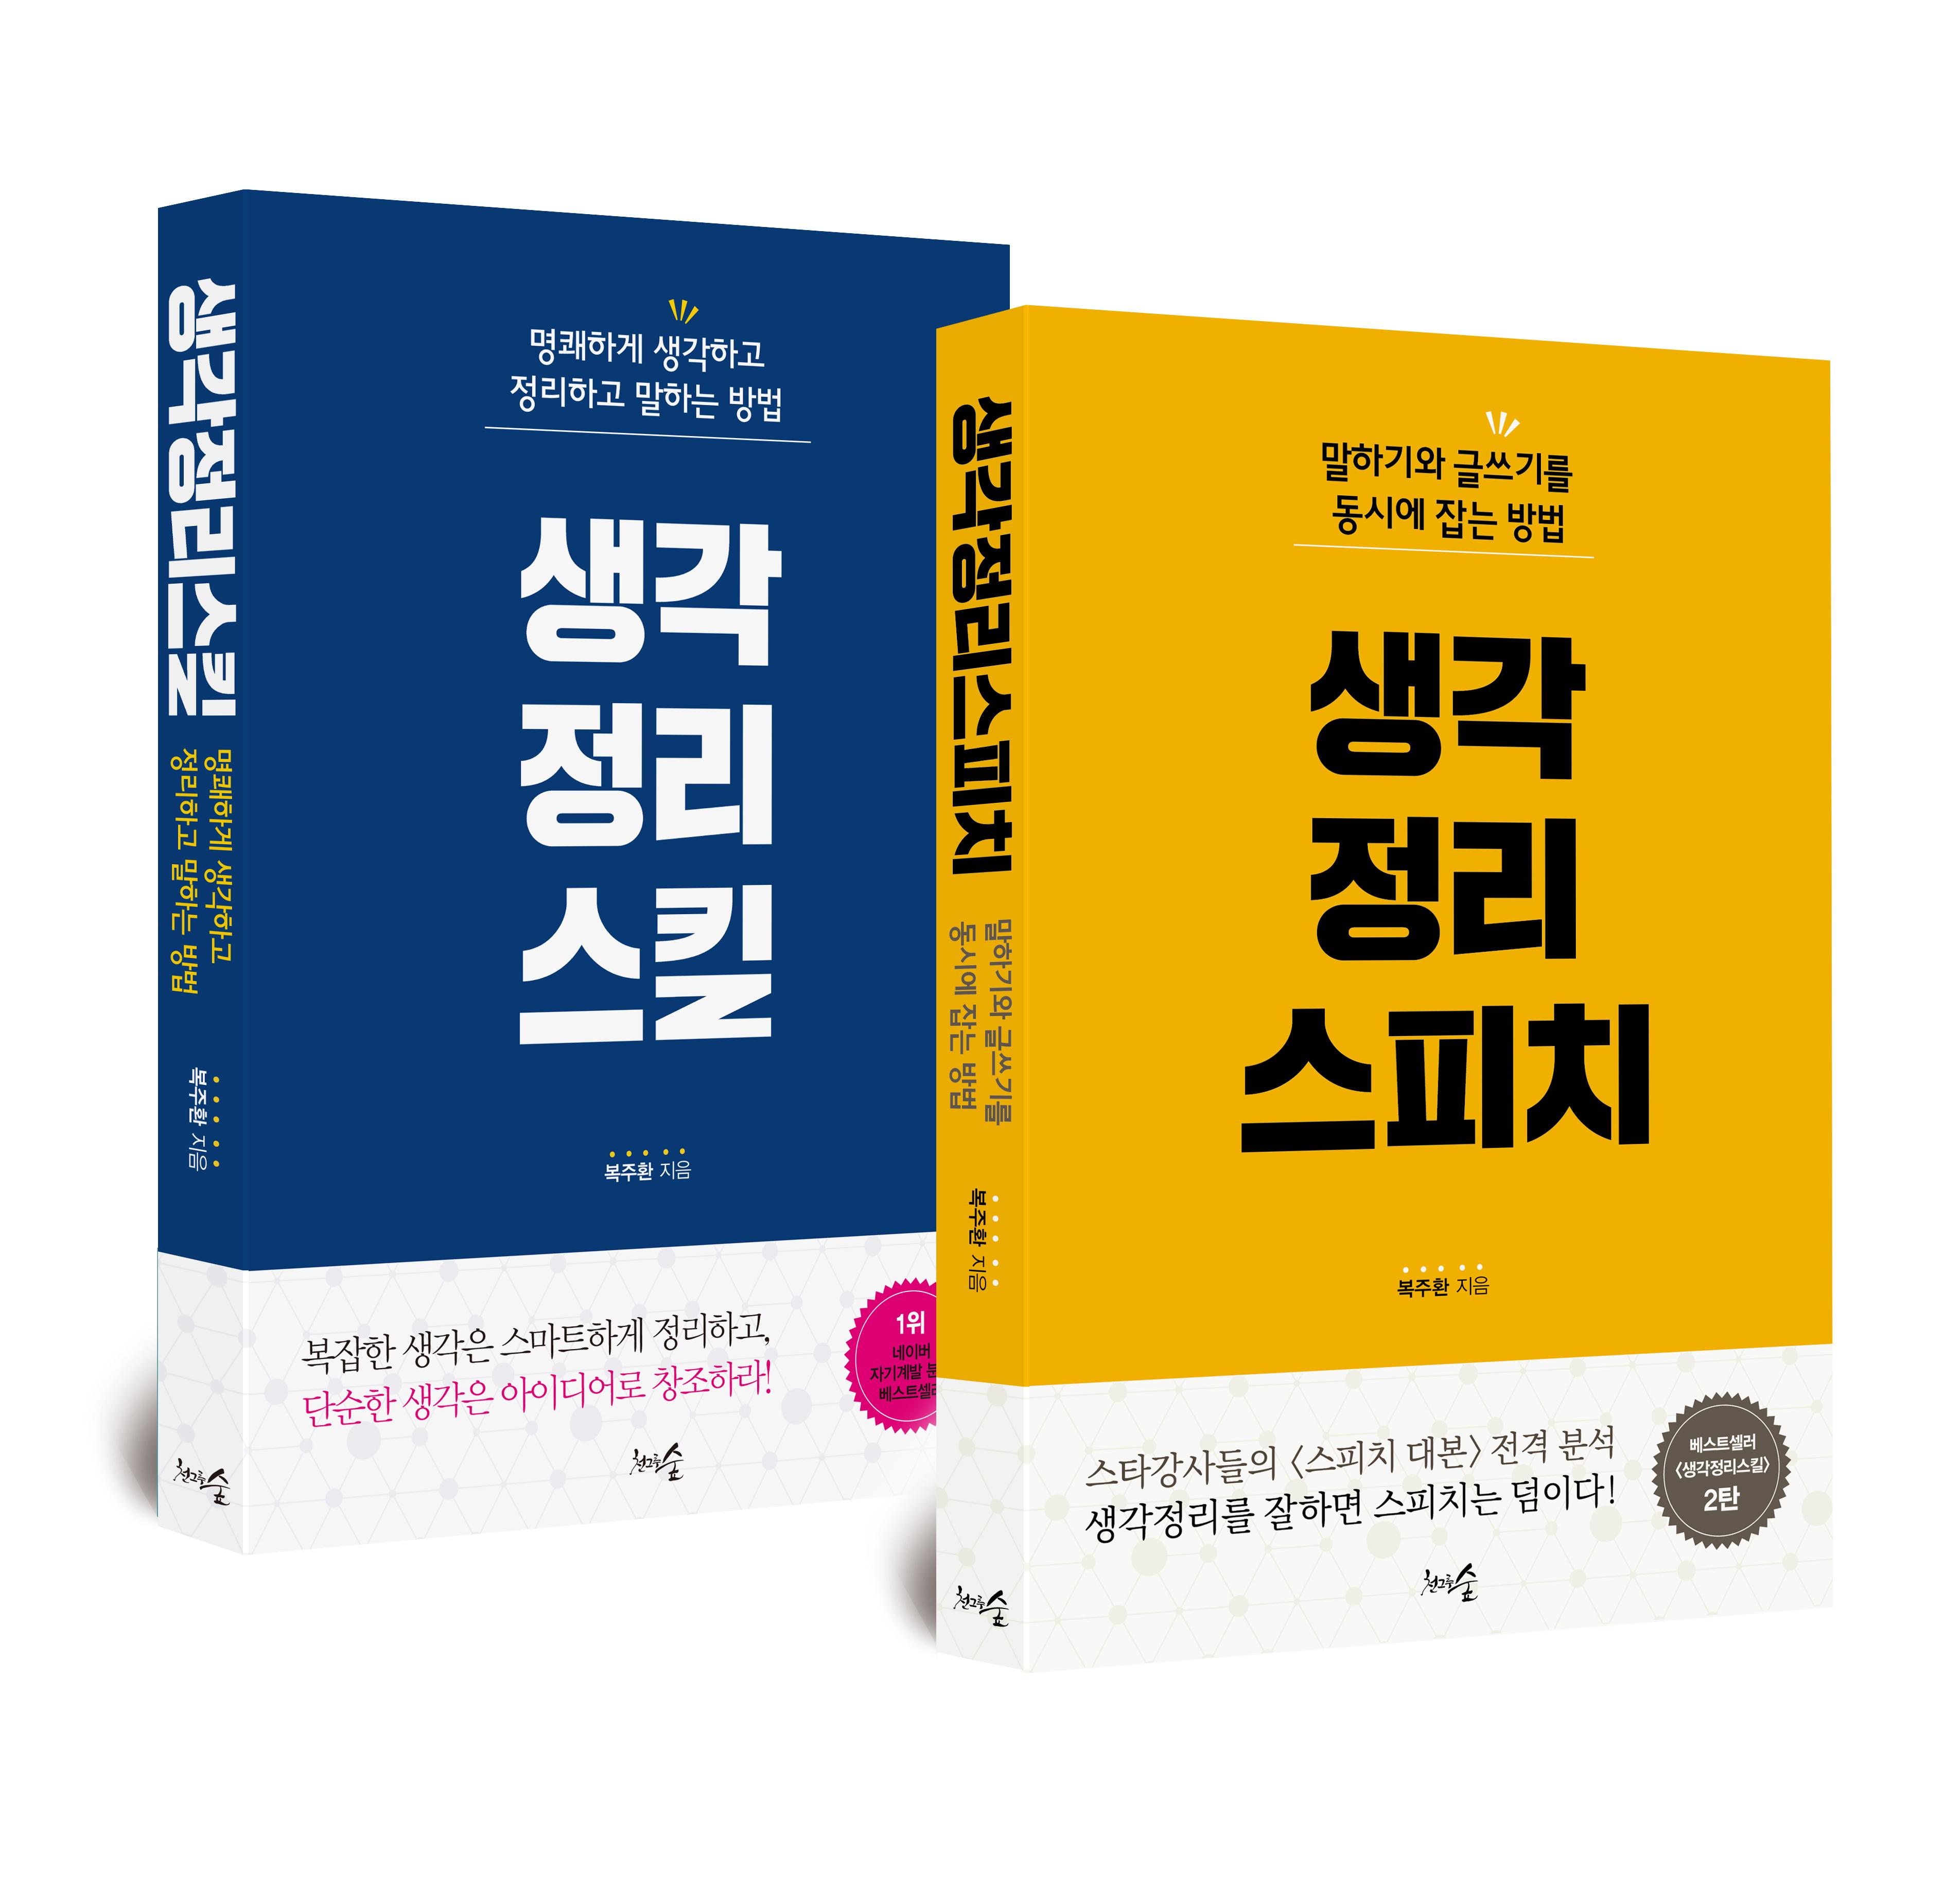 생각정리스피치 티저영상 공개! - 복주환 <생각정...